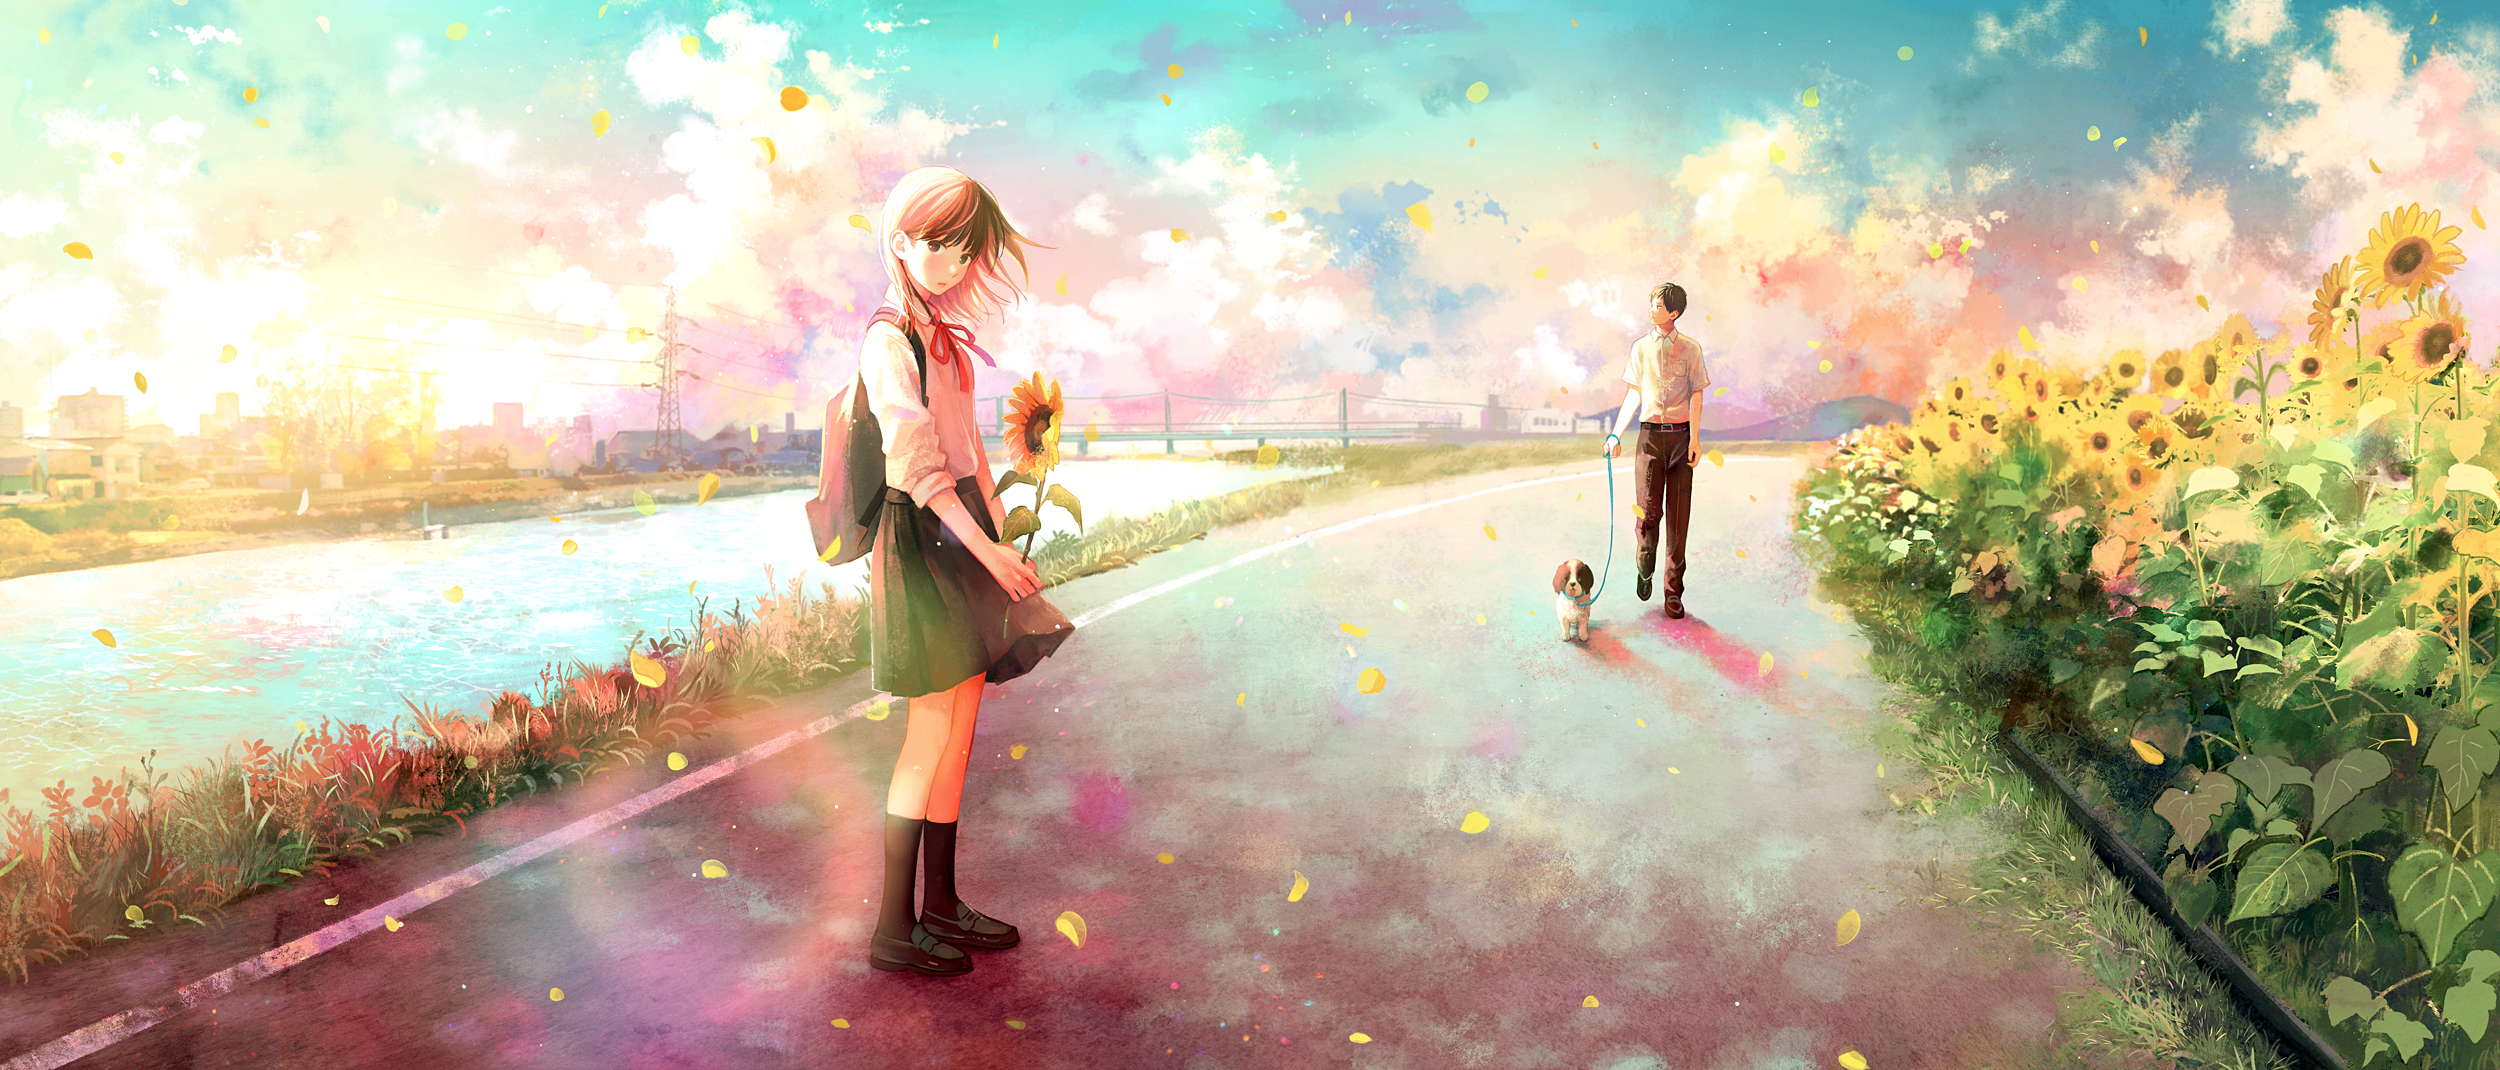 Фото Девочка с подсолнухом стоит на дороге, где поодаль стоит парень с собакой